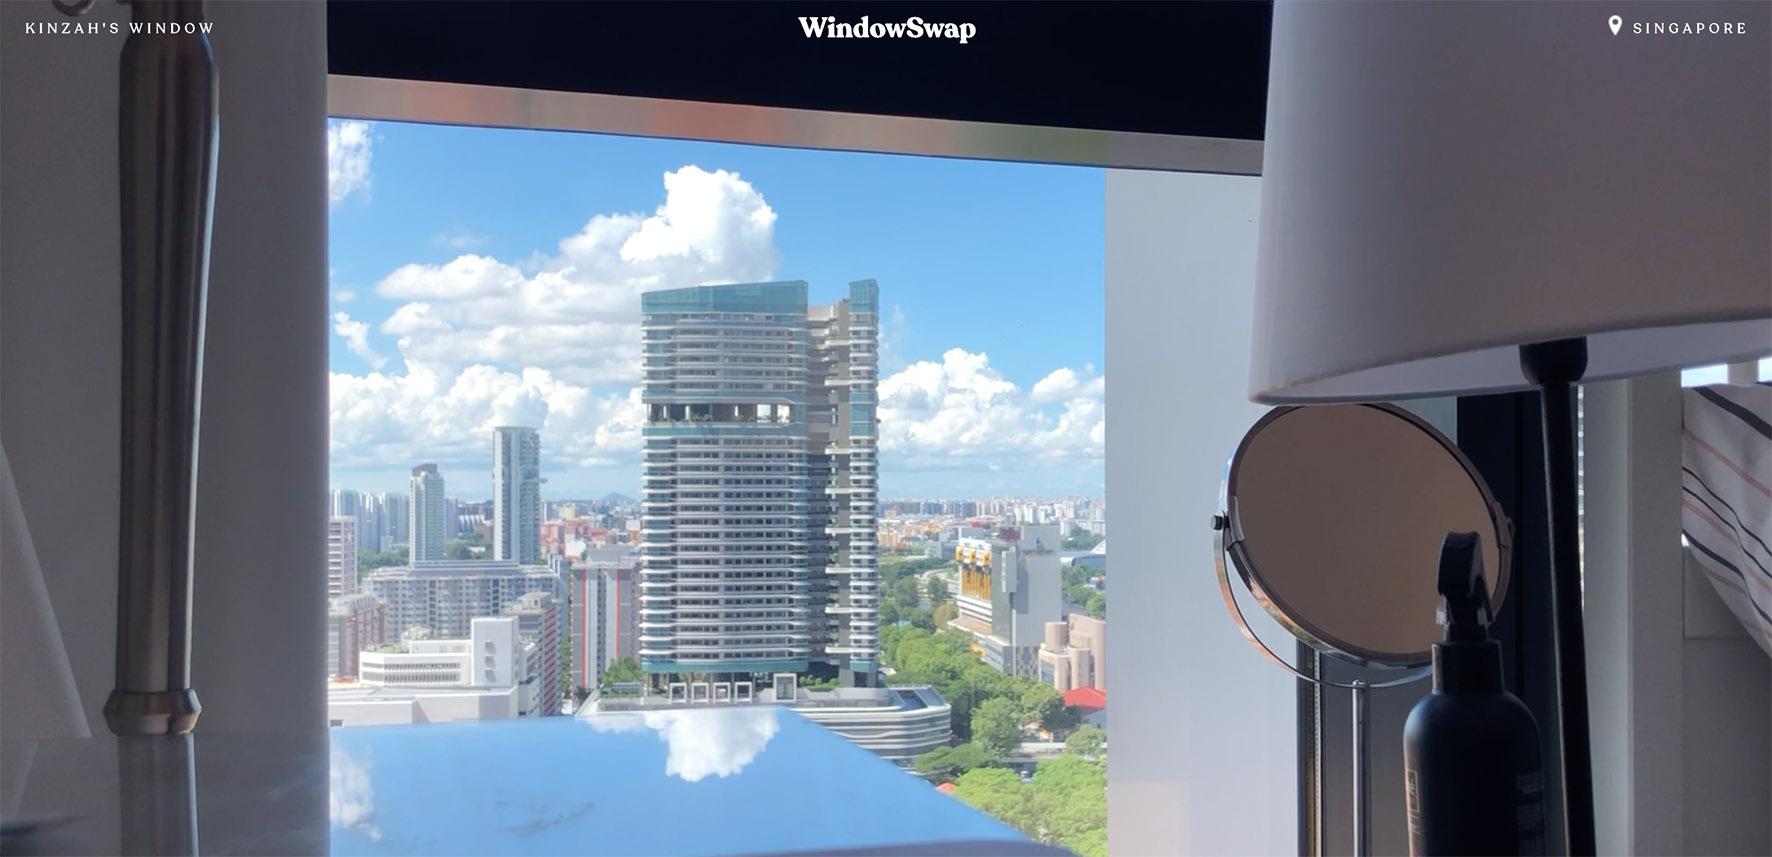 Op deze foto zie je een window in Singapore